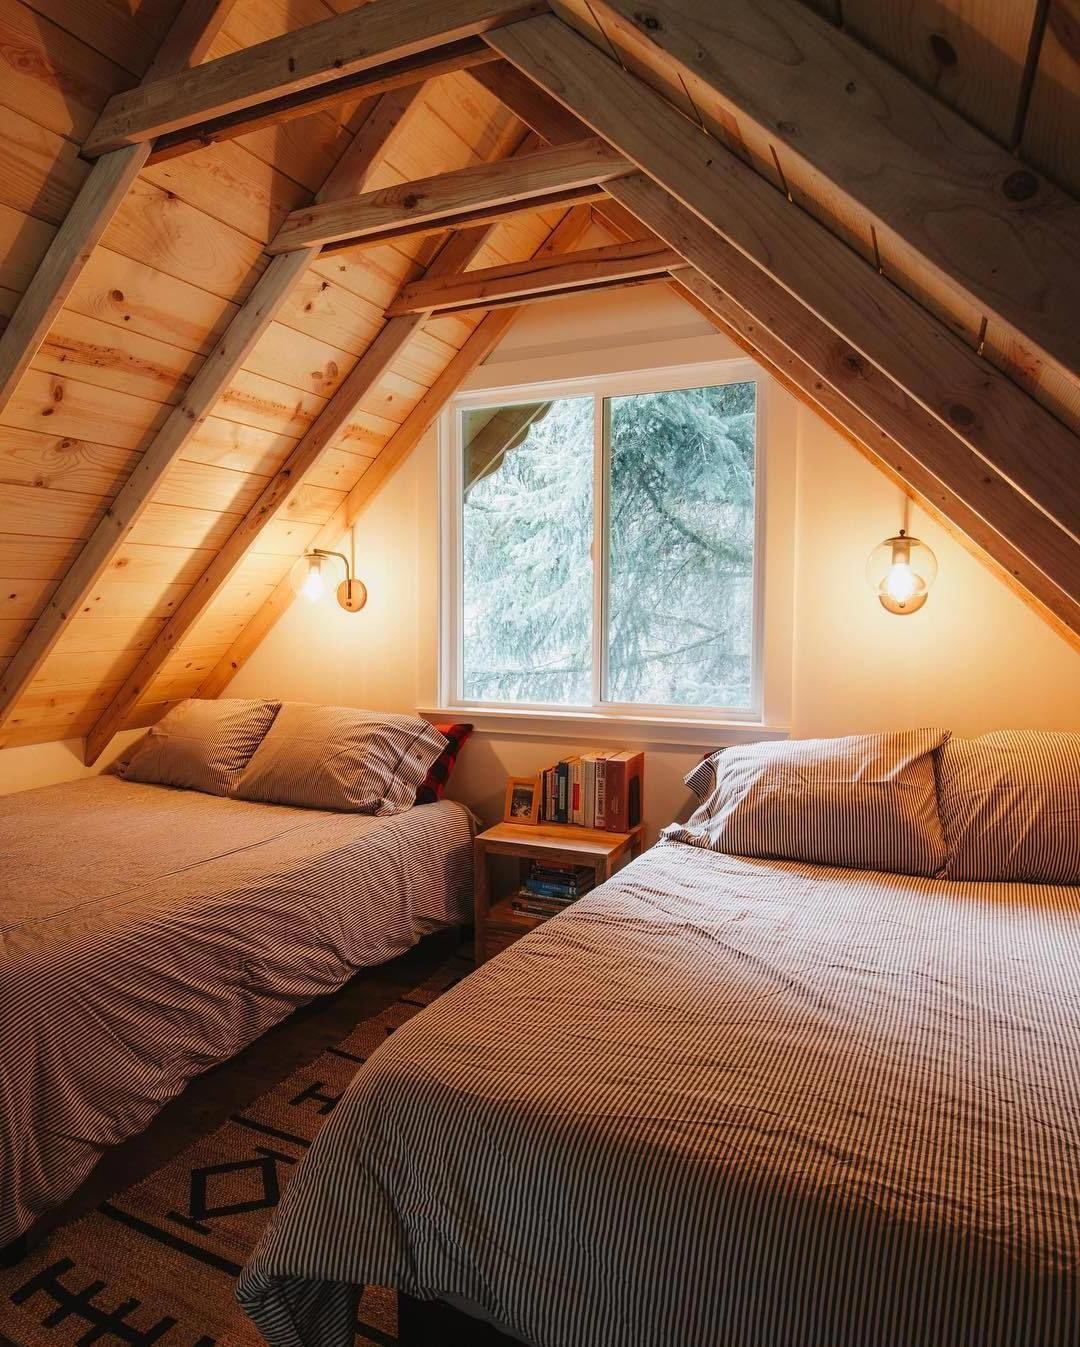 2019 Best Bonus Room Ideas Families Small Abocegarage